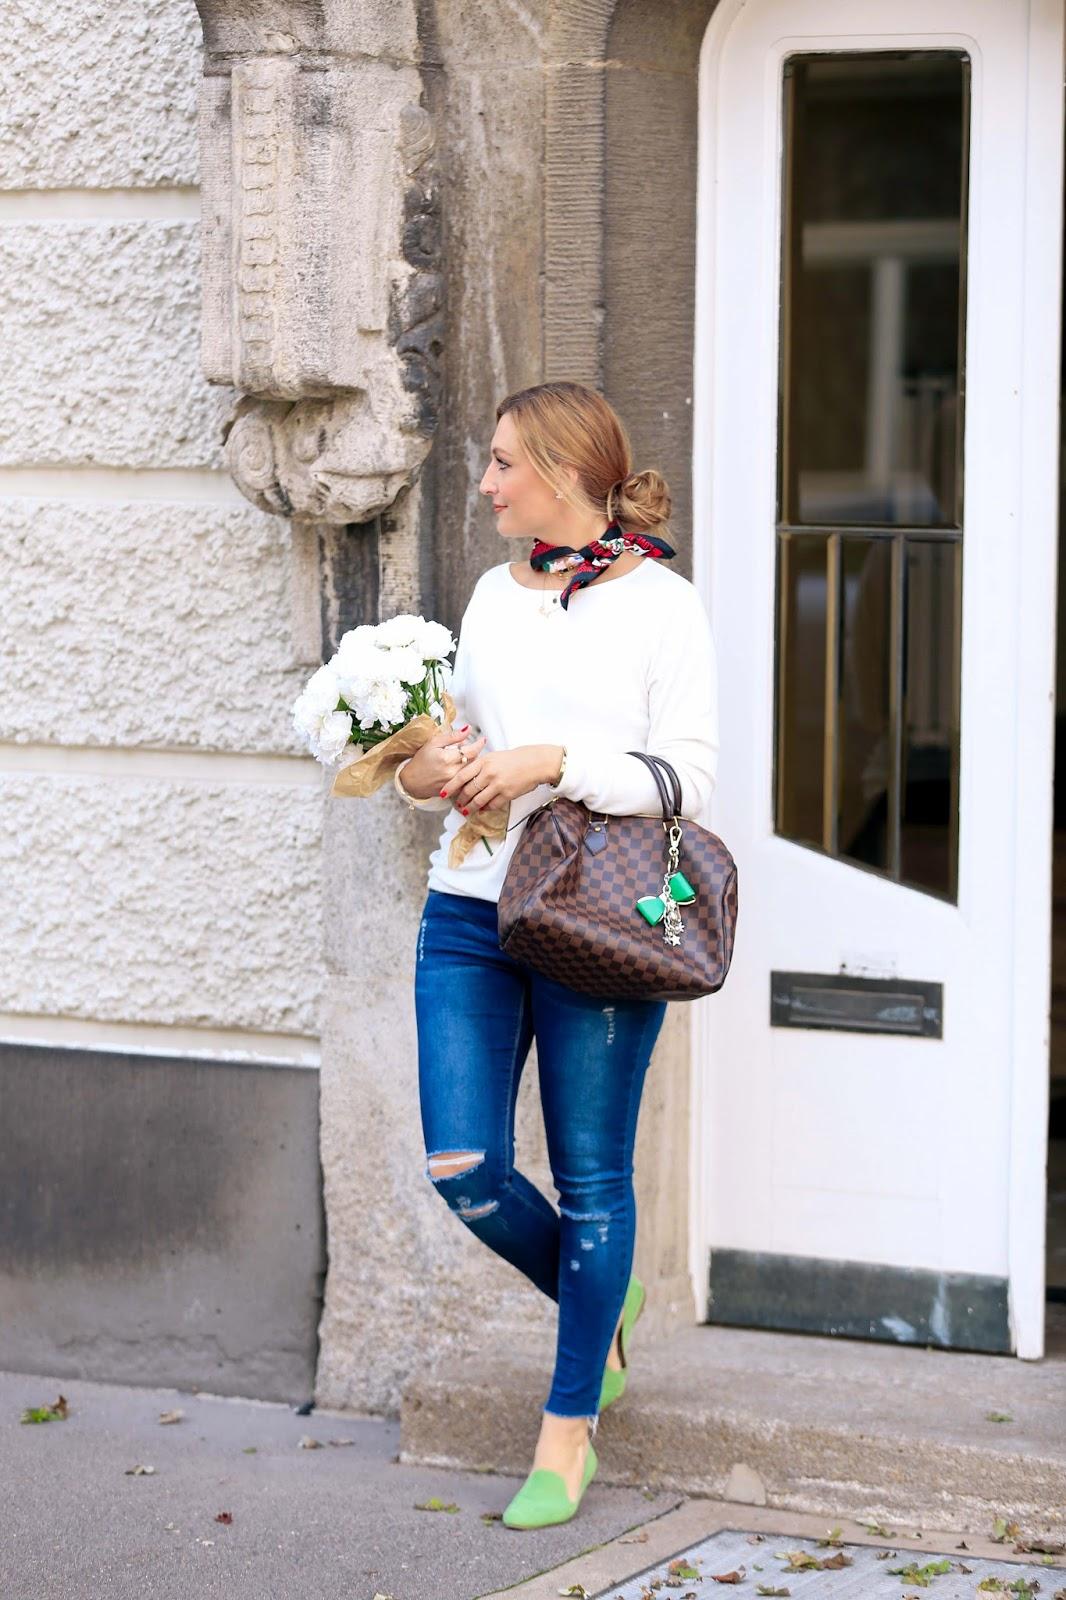 Wie-kombiniert-man-slipper-grüne-slipper-grüne-schuhe-fashionblogger-blogger-style-fashionblogger-aus-frankfurt-Fashionstylebyjohanna-LV-Speedy-Braune-LouiseVuitton-Tasche